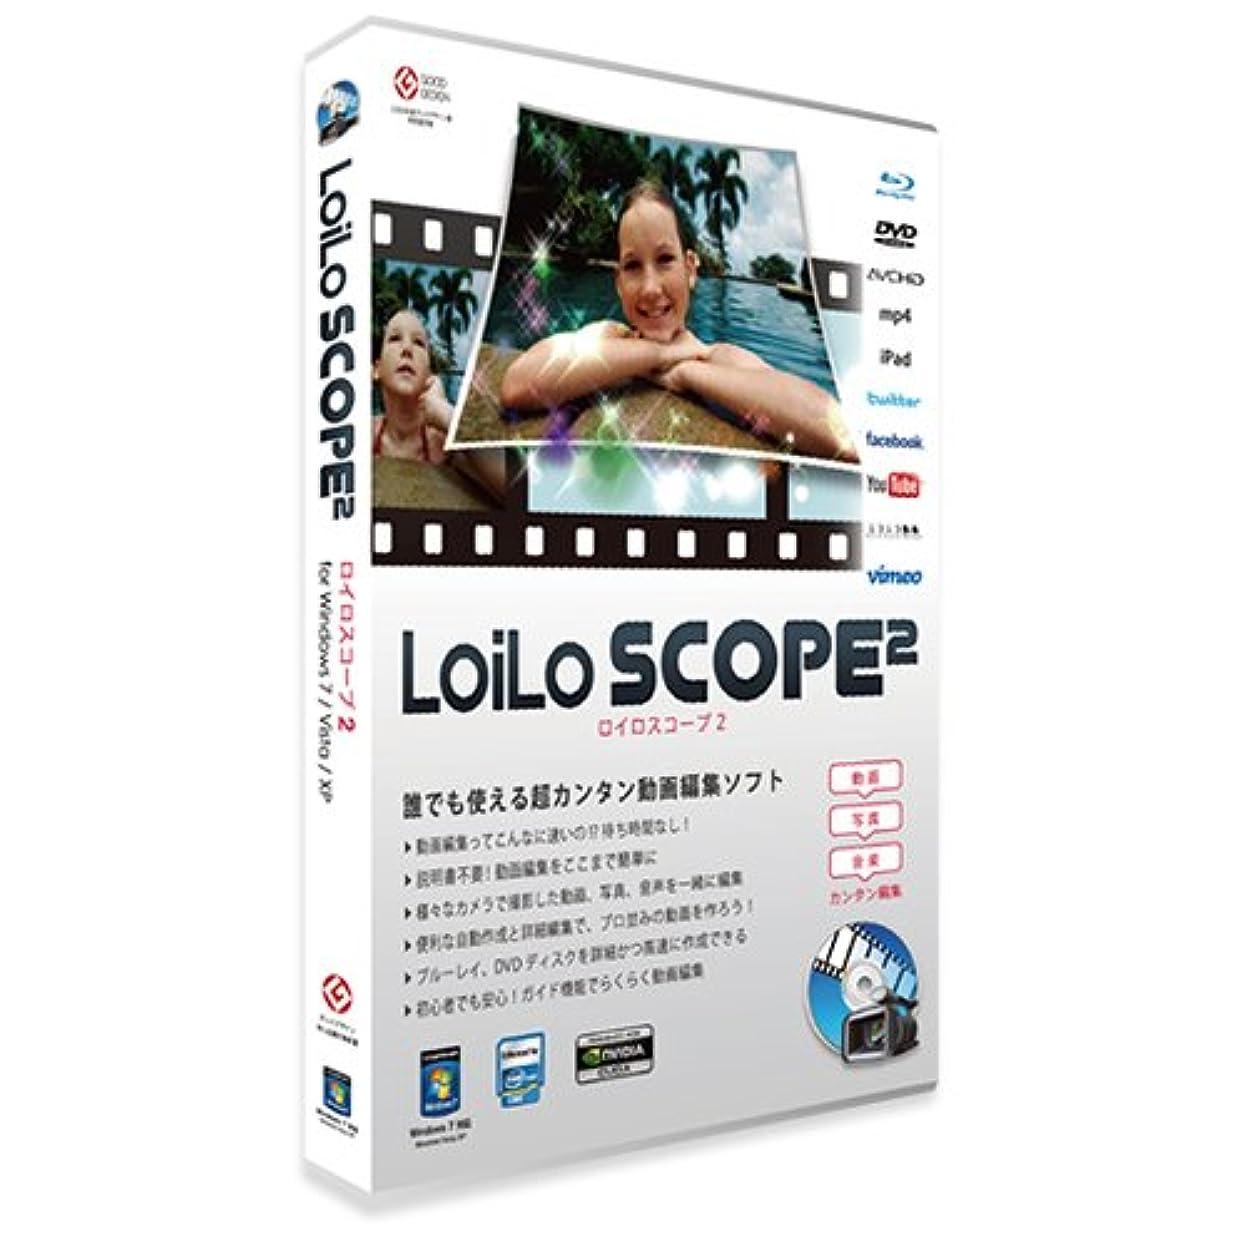 王室専門メイエラLoiLoScope2 動画編集、DVD、ブルーレイ、ディスク作成ソフト 結婚式、運動会も1本でOK!